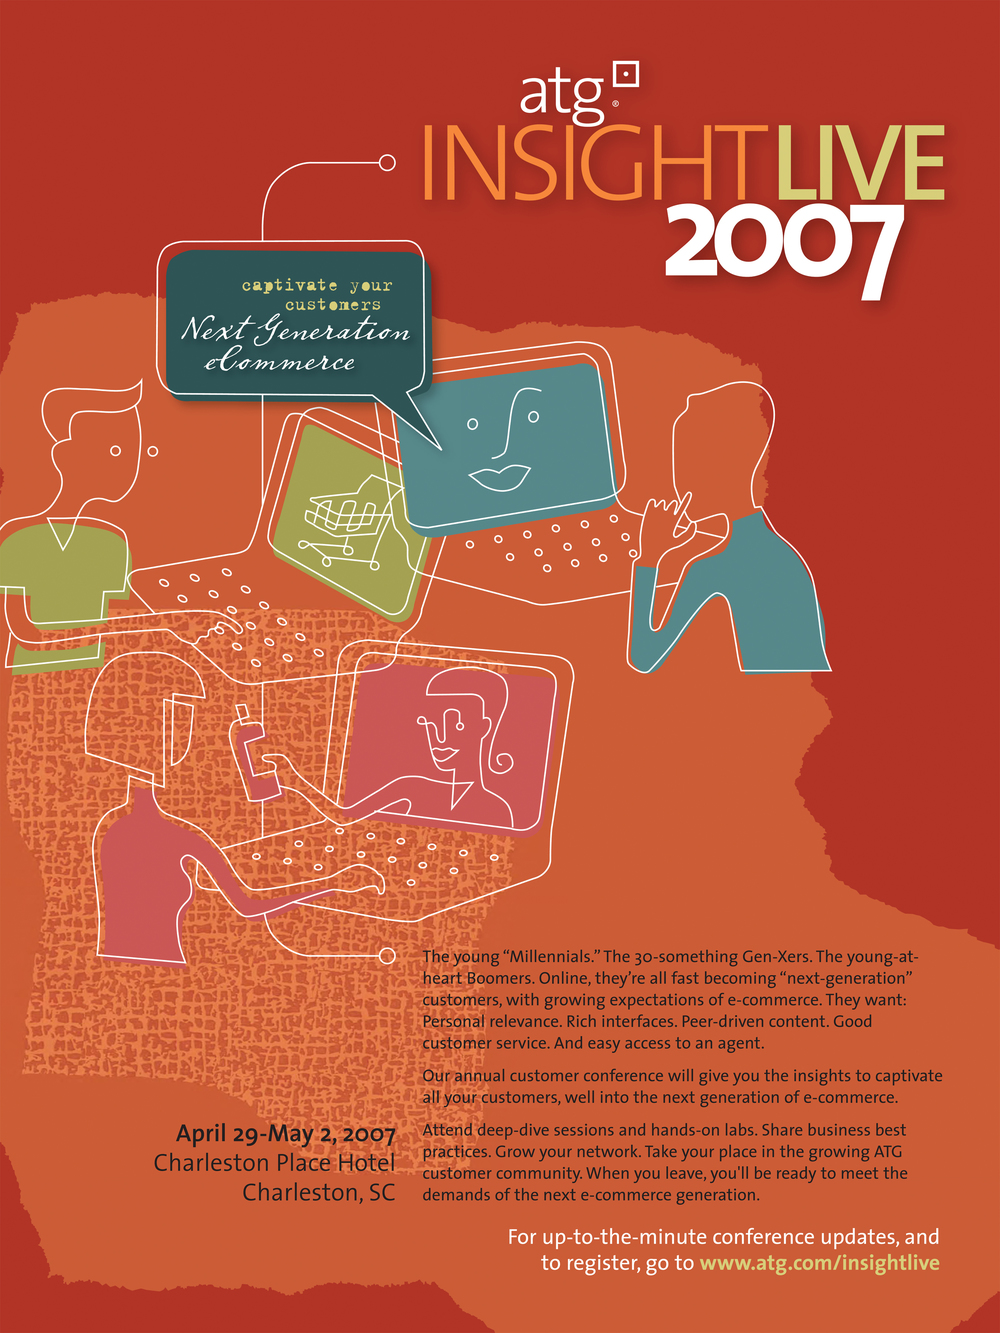 ATG_insight2007_poster.jpg